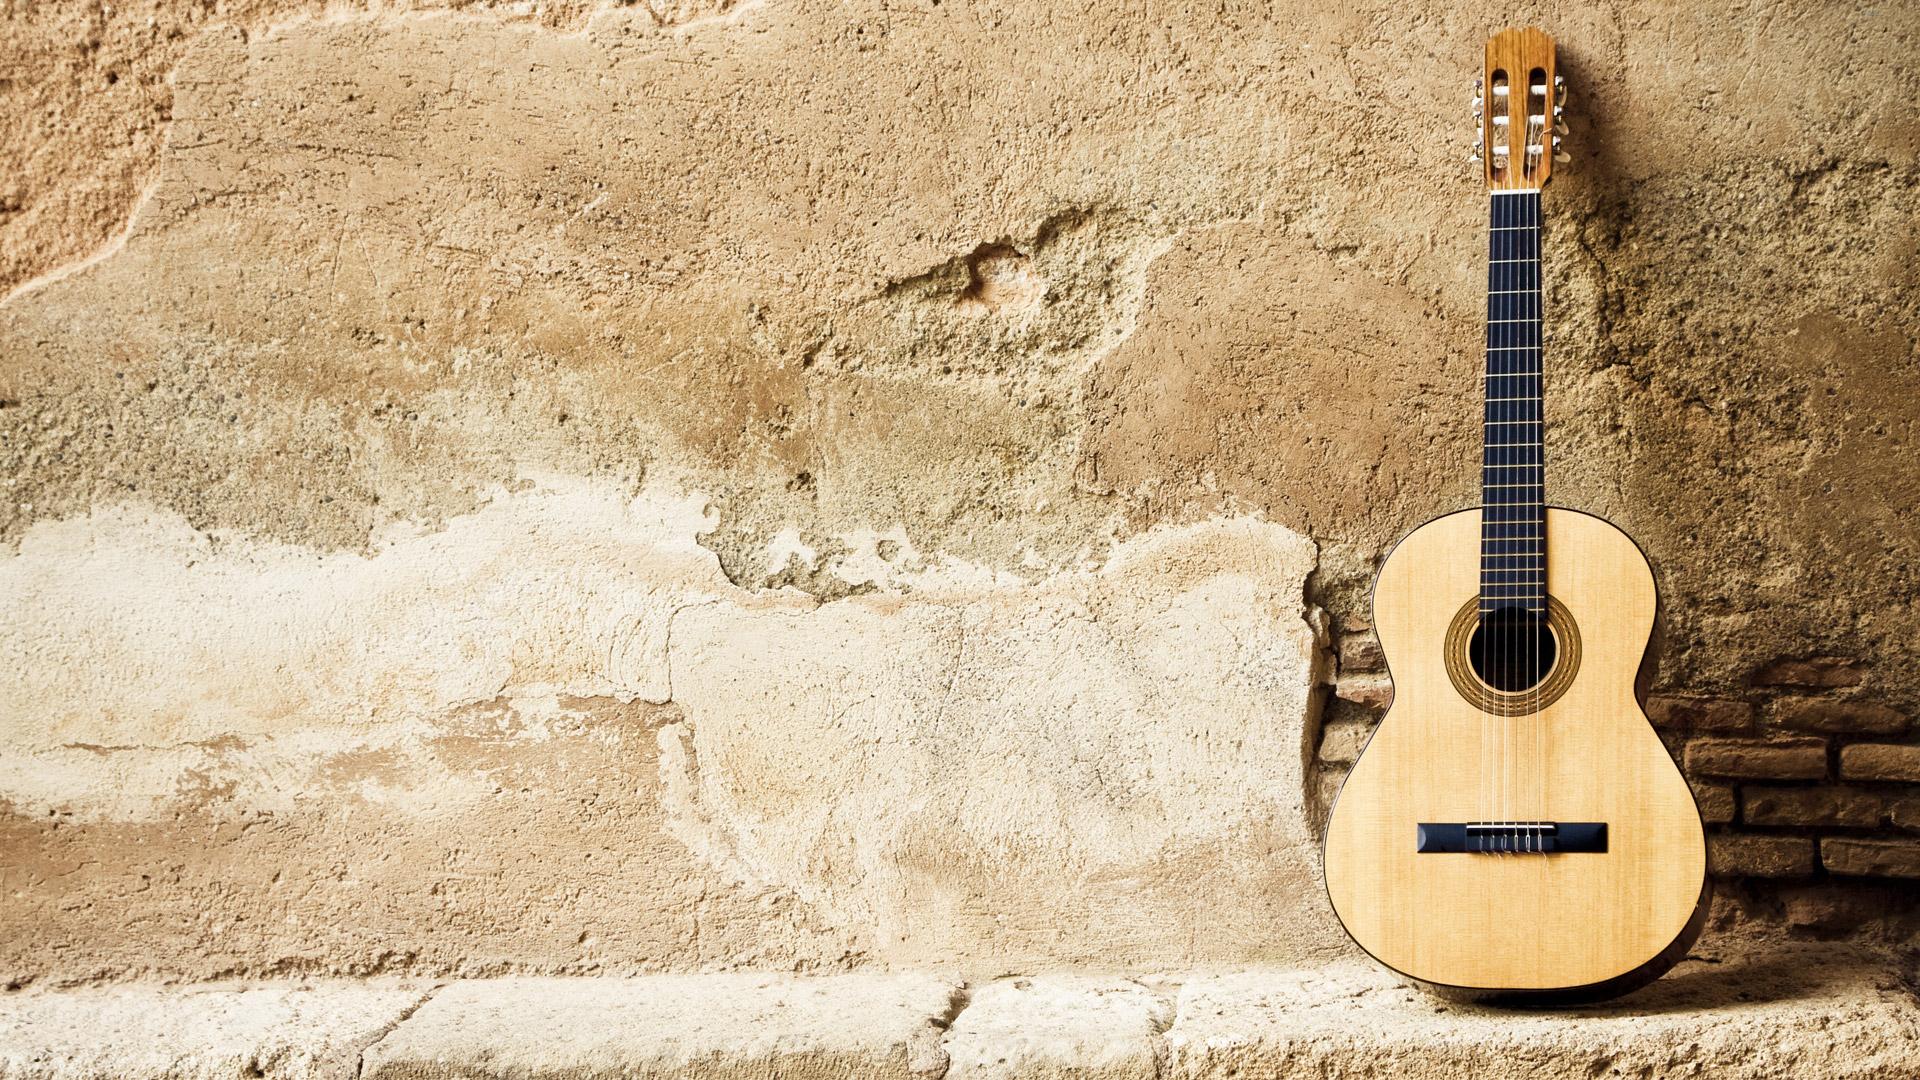 guitarfc.com_Guitar Bg (5)